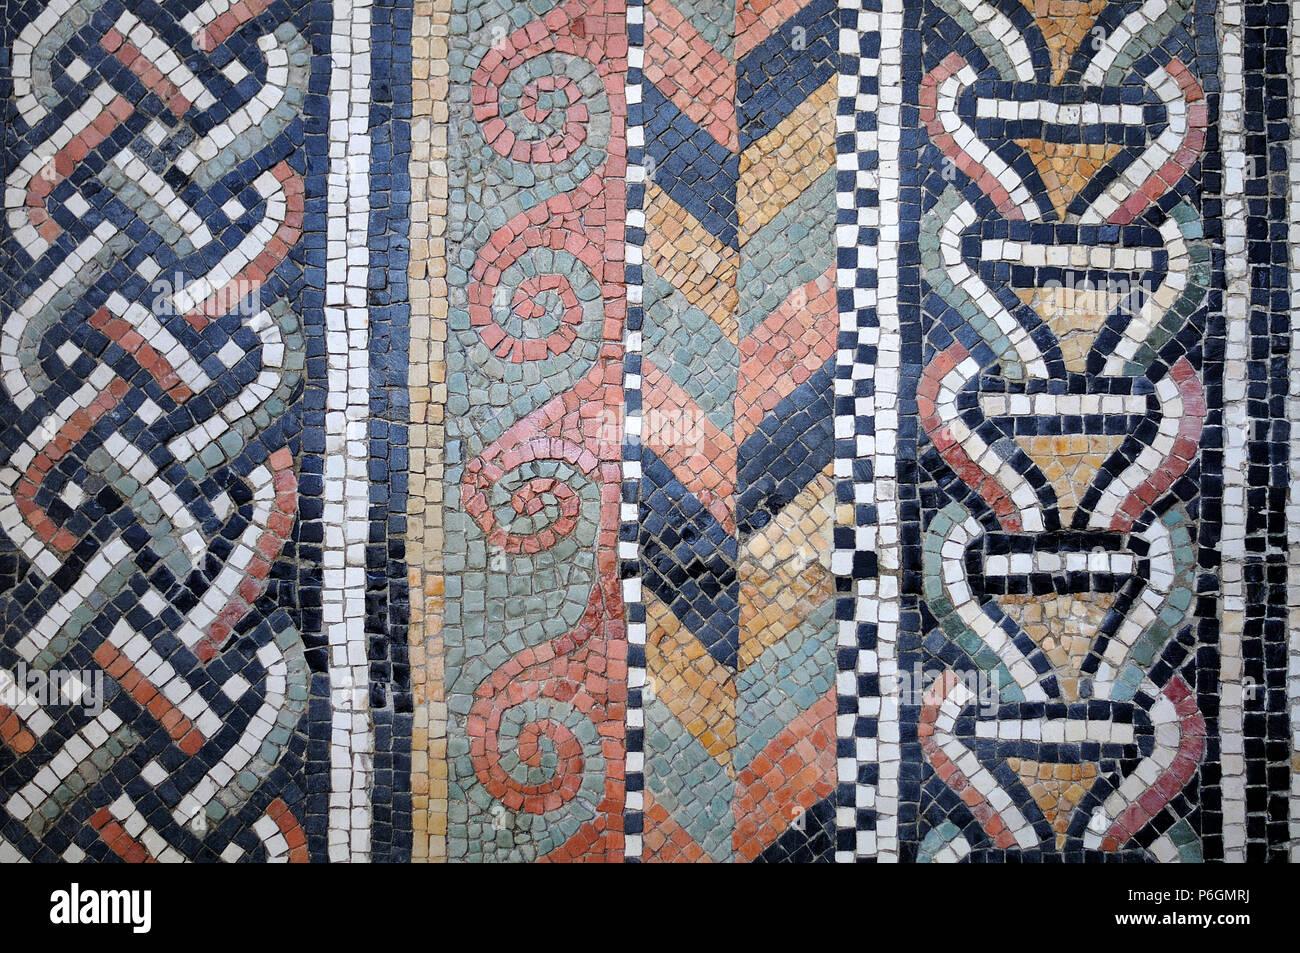 Antike Romische Mauer Mosaik Mit Quadratischen Fliesen In Weiss Grau